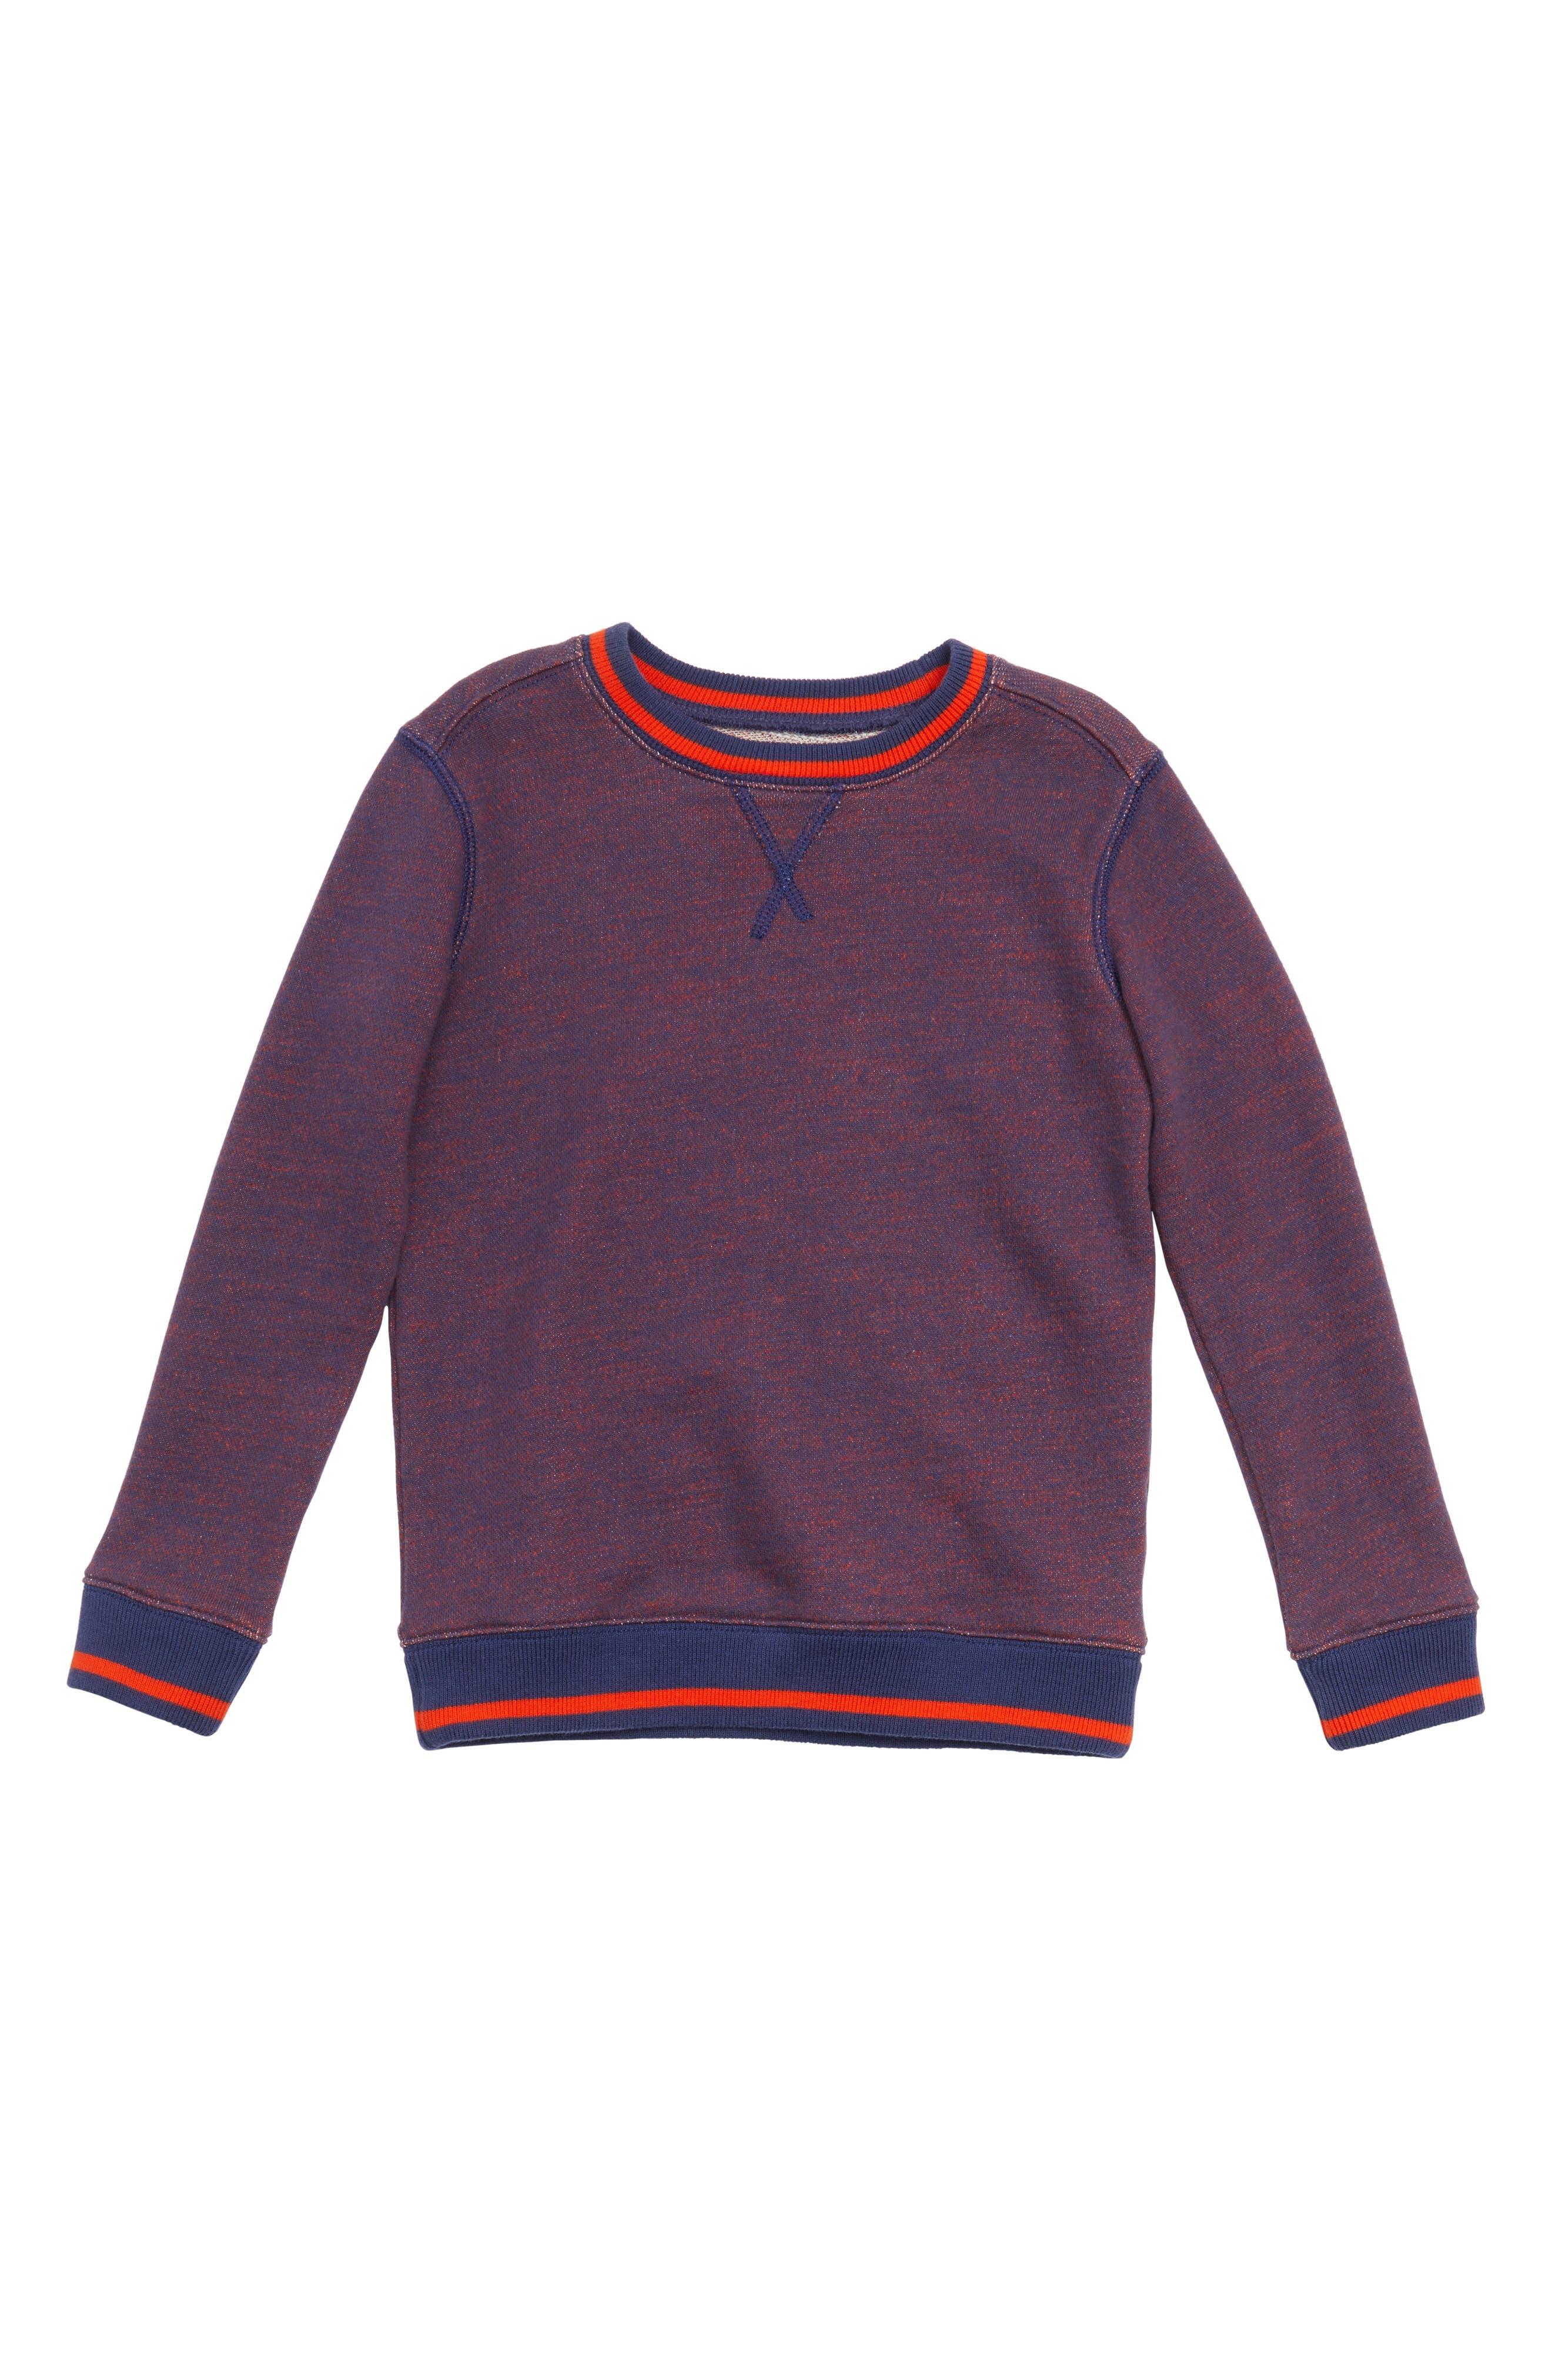 Crewneck Sweatshirt,                         Main,                         color, 410